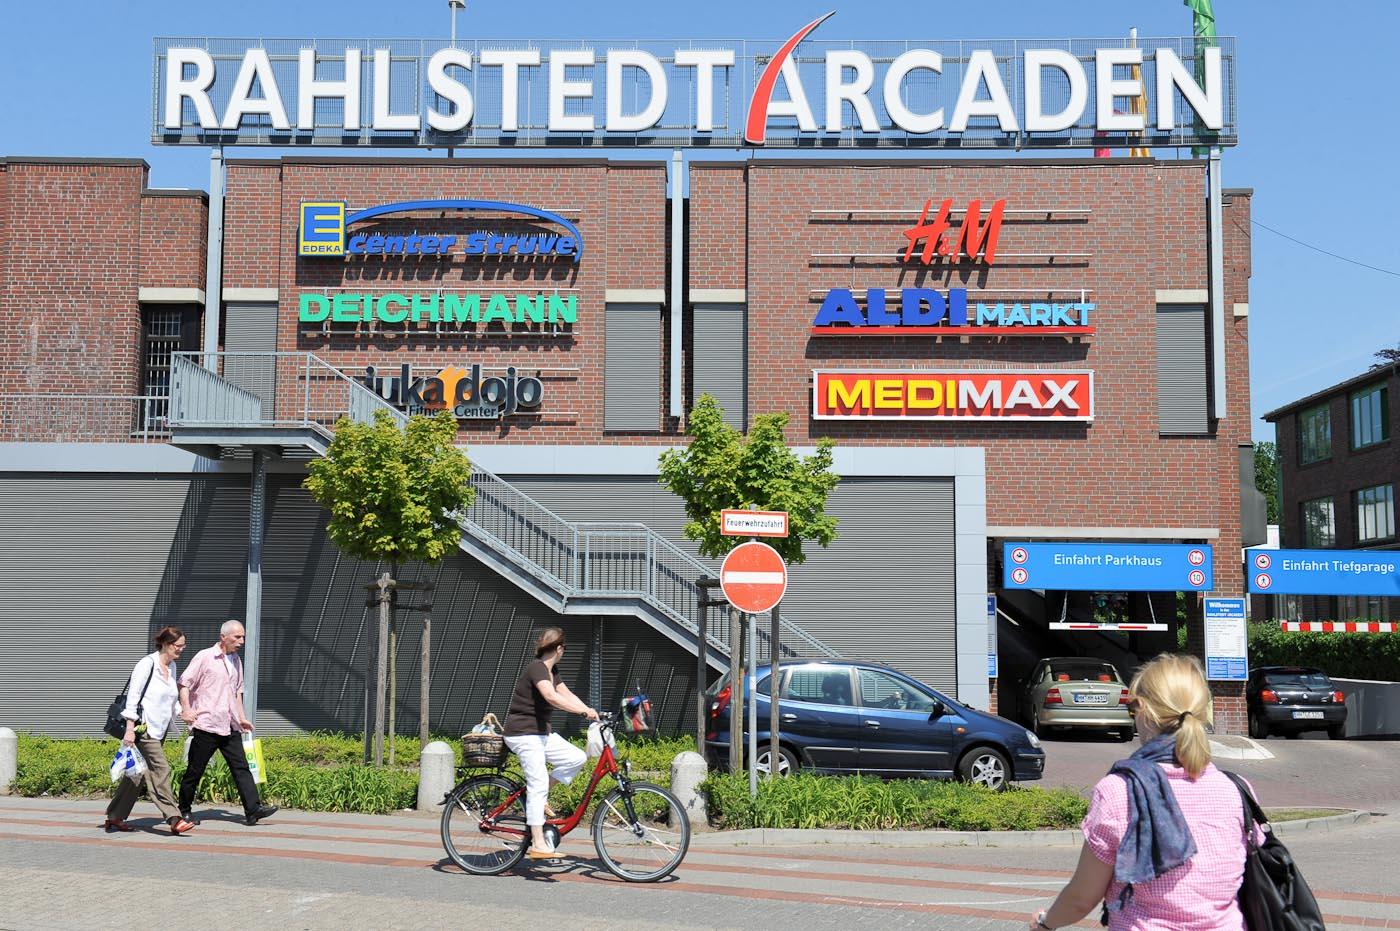 Foto ID 2014063009 Einkaufszentrum Rahlstedt Arcaden